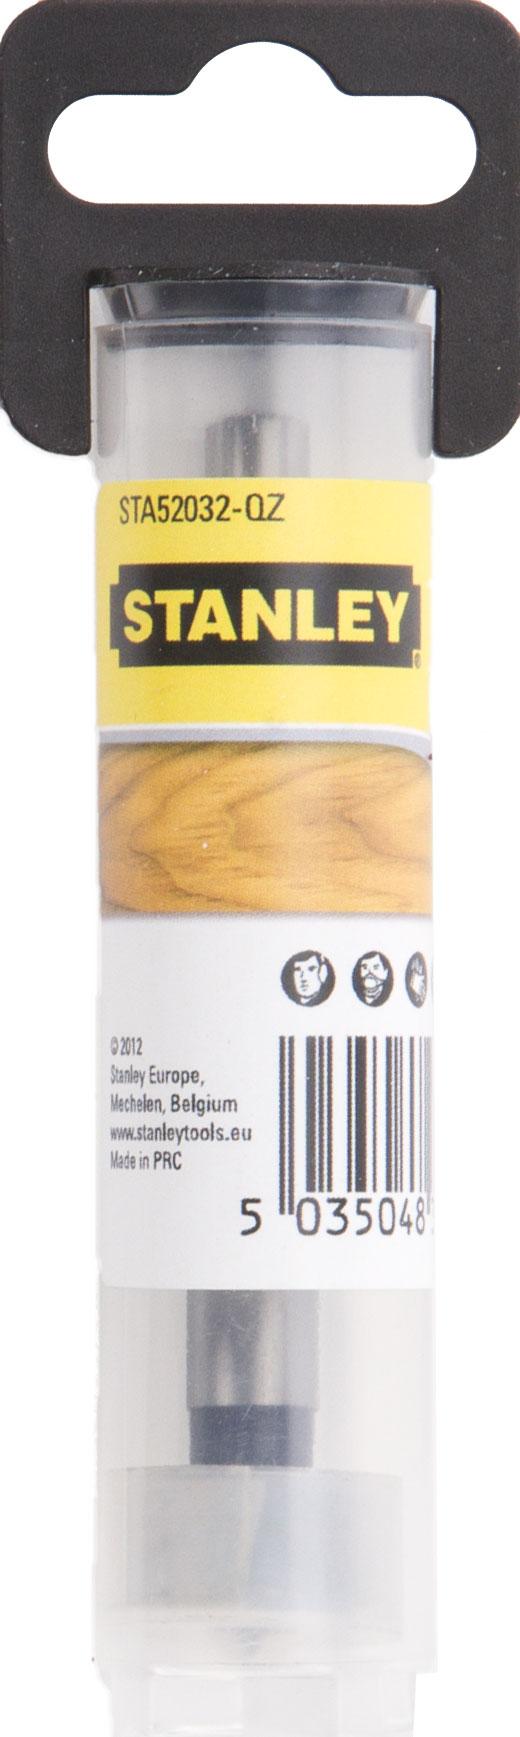 Купить Сверло Stanley Sta52032-qz